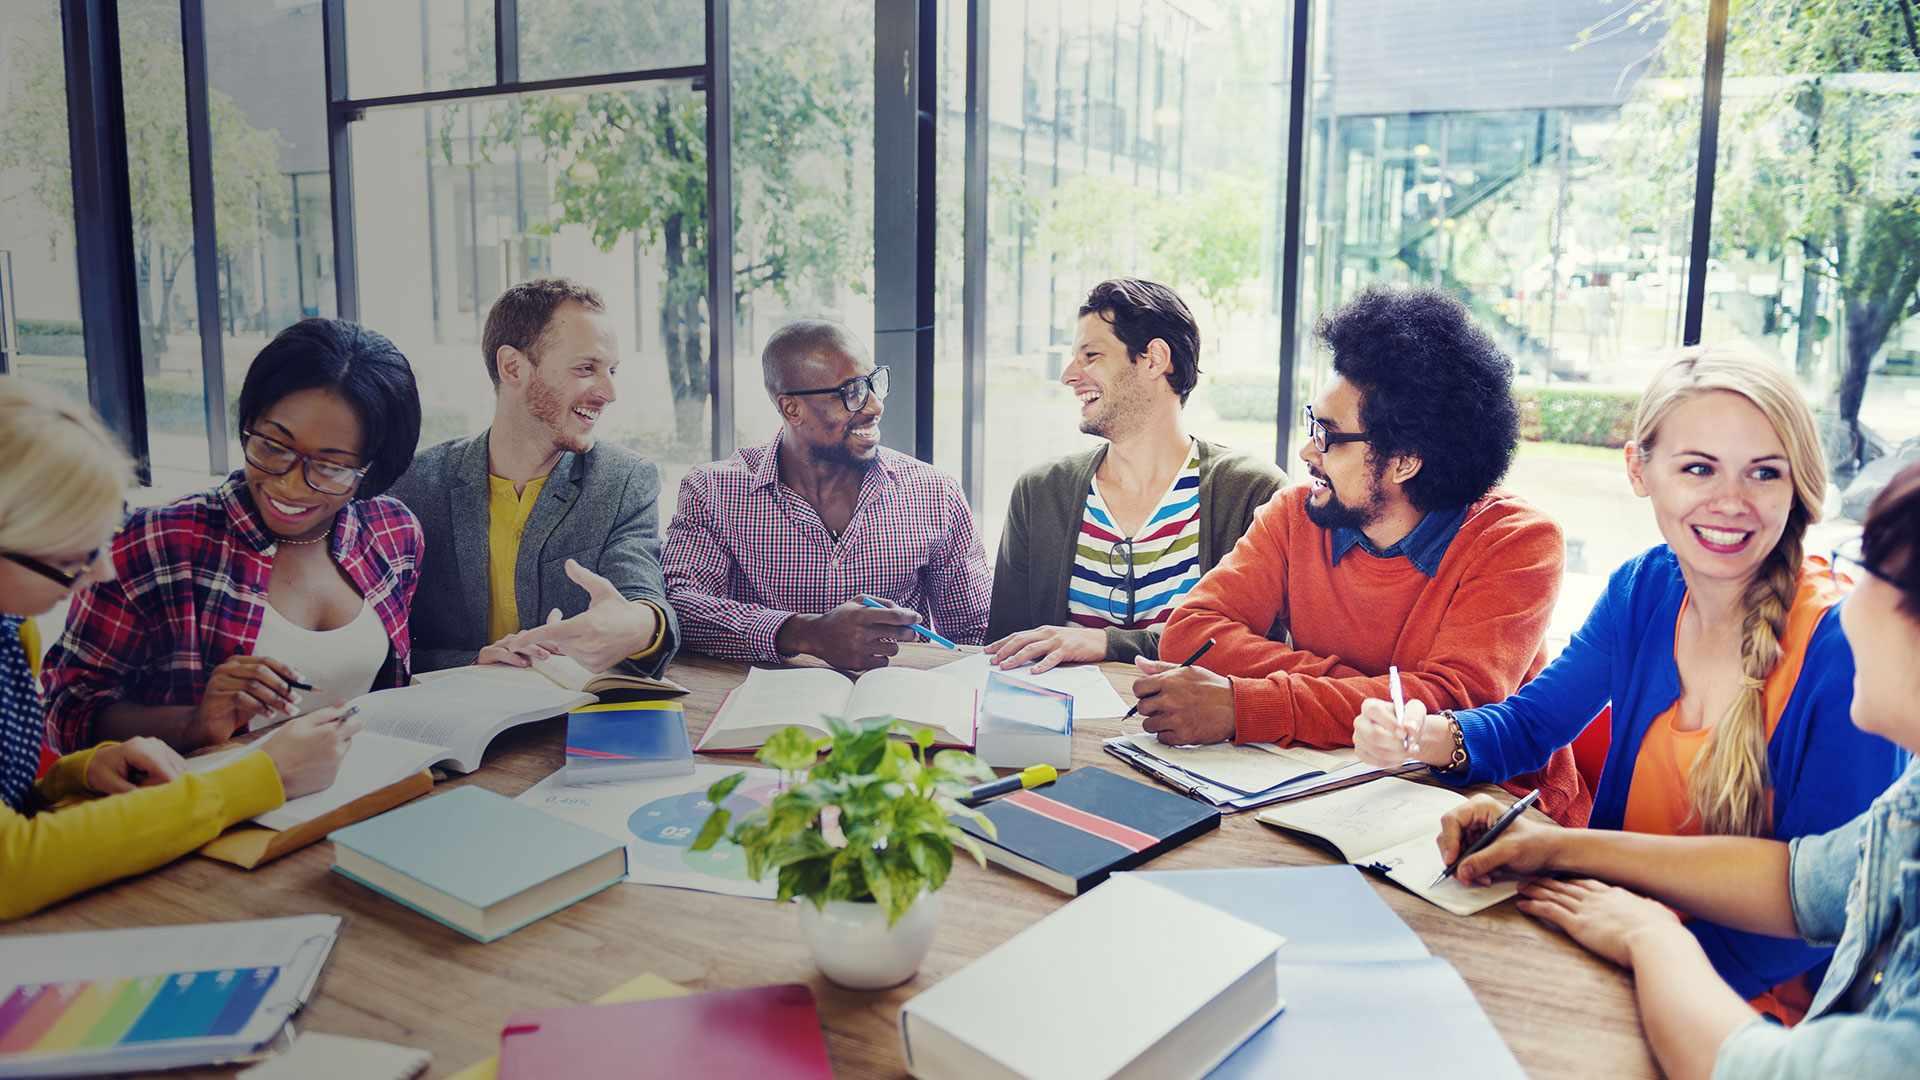 Работа учителем за границей сильно отличается от работы преподавателя в странах постсоветского пространства, что связано со многими факторами